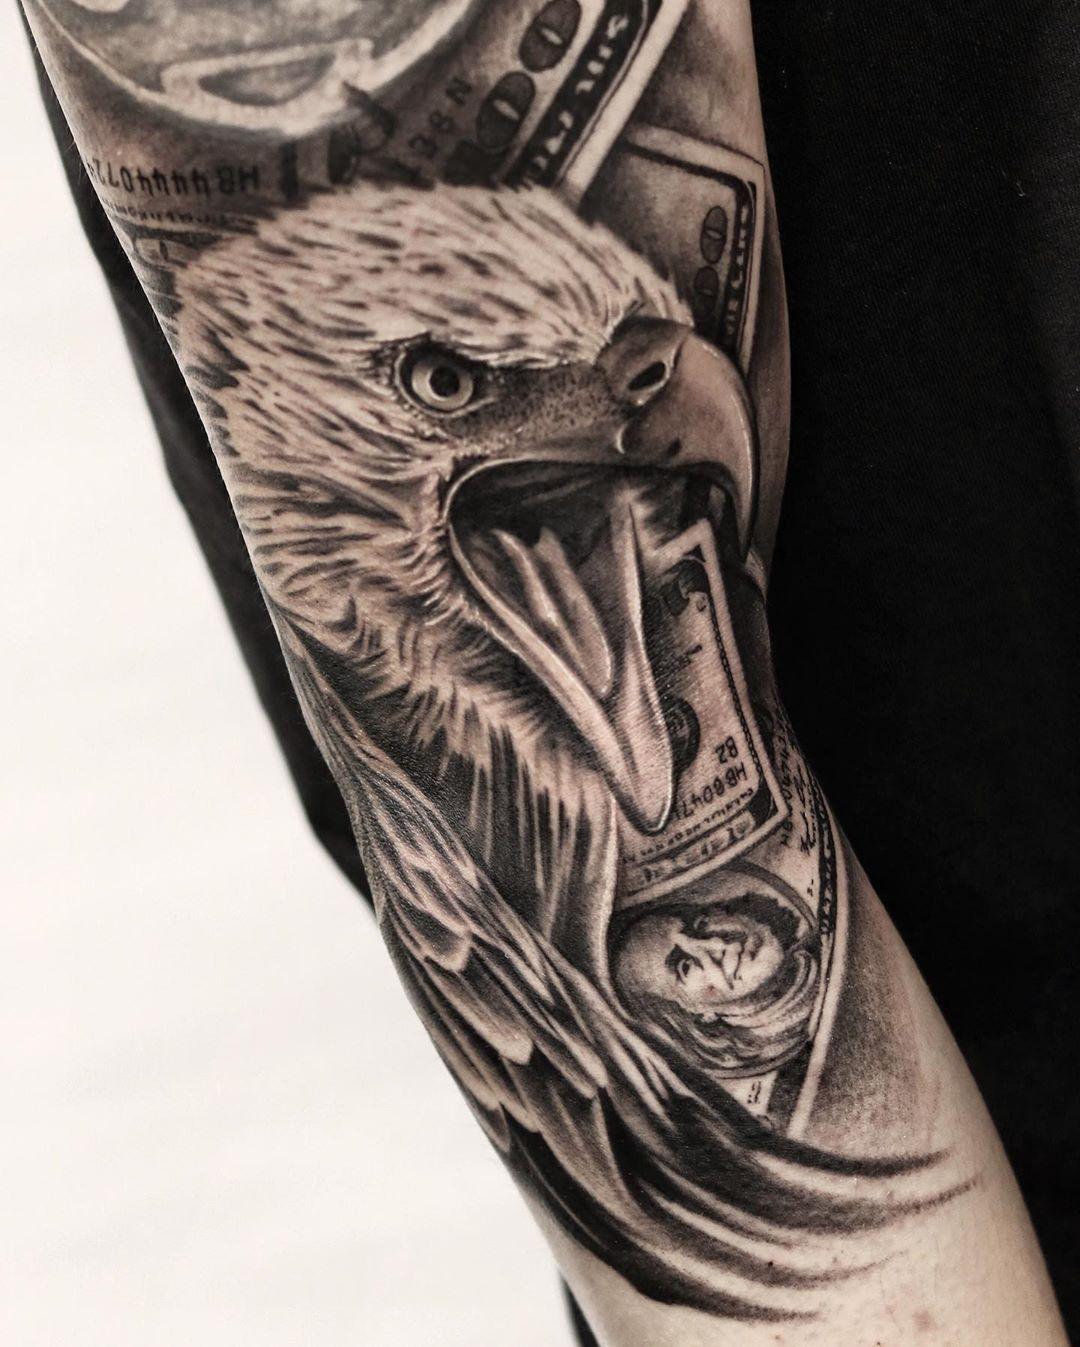 Those who fly solo have the strongest wings - Eagle // 老鷹,感謝信任🙏🏻 #eagle #ecotatpro #portrait #blackandgrey #blackandgreytattoo #blackink #blackart #bng #inksoulinksoul #theblackandgreytattooleague #realistictattoo #tattoo #tattoos #tattoosleeve #tattooing #tattooed #tattooartist #tattooink #tattoosofinstagram #tattooart #tattoolife #ink #inked #inkedup #inkedlife #inkedmag #inkaddict